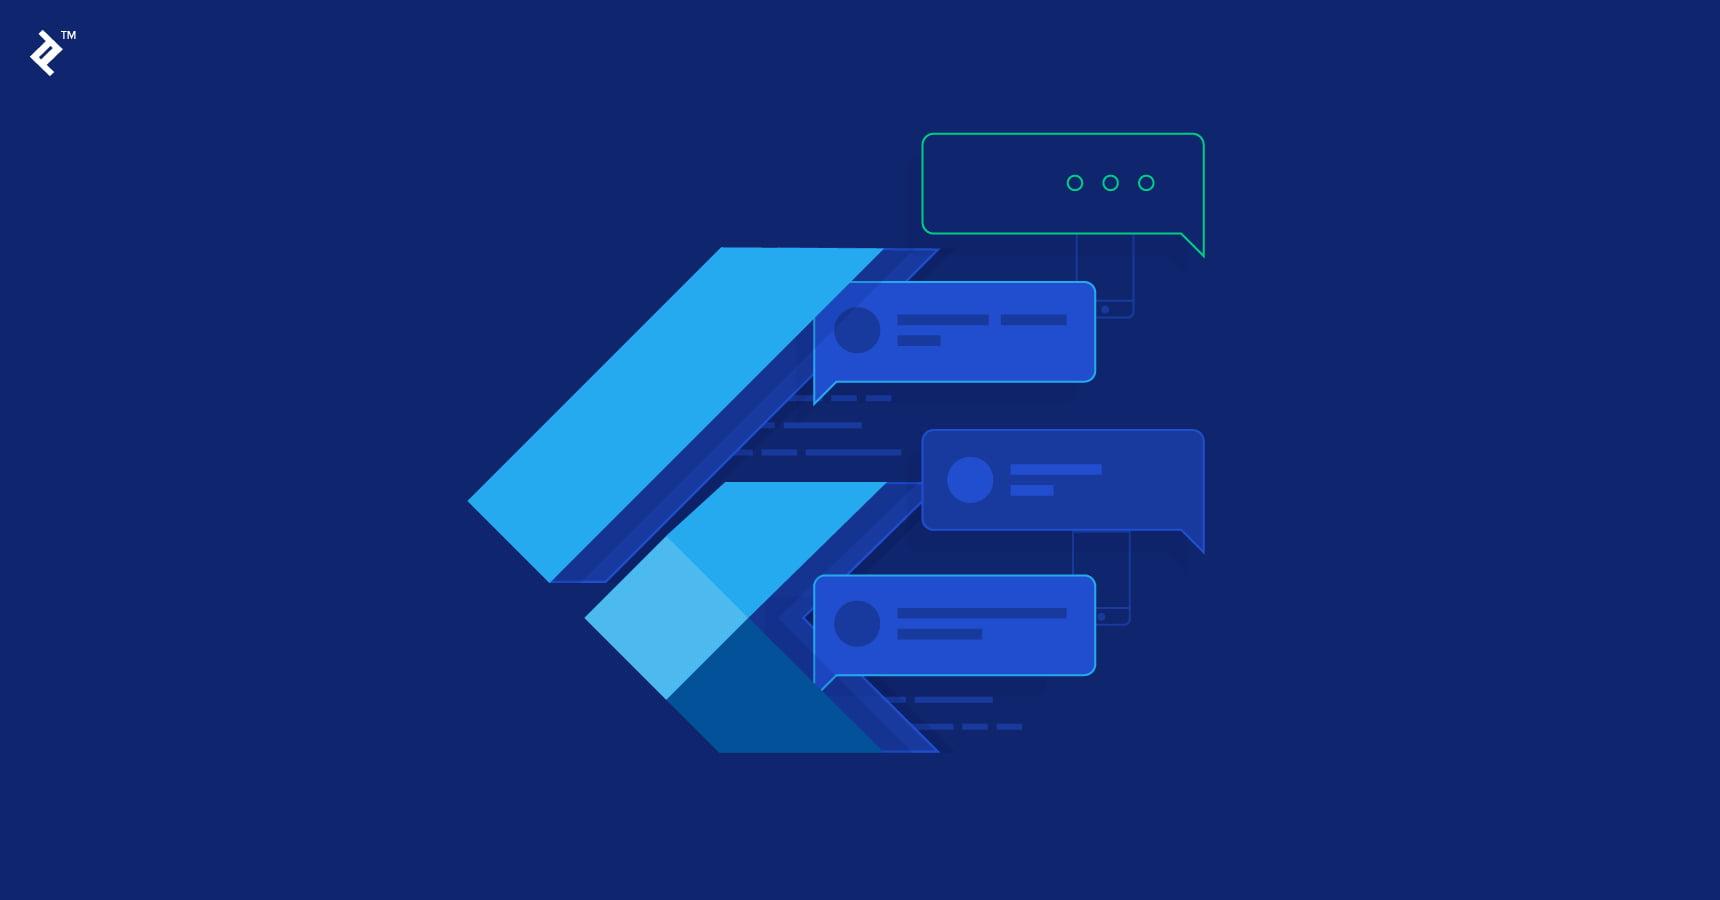 create a To-do list app